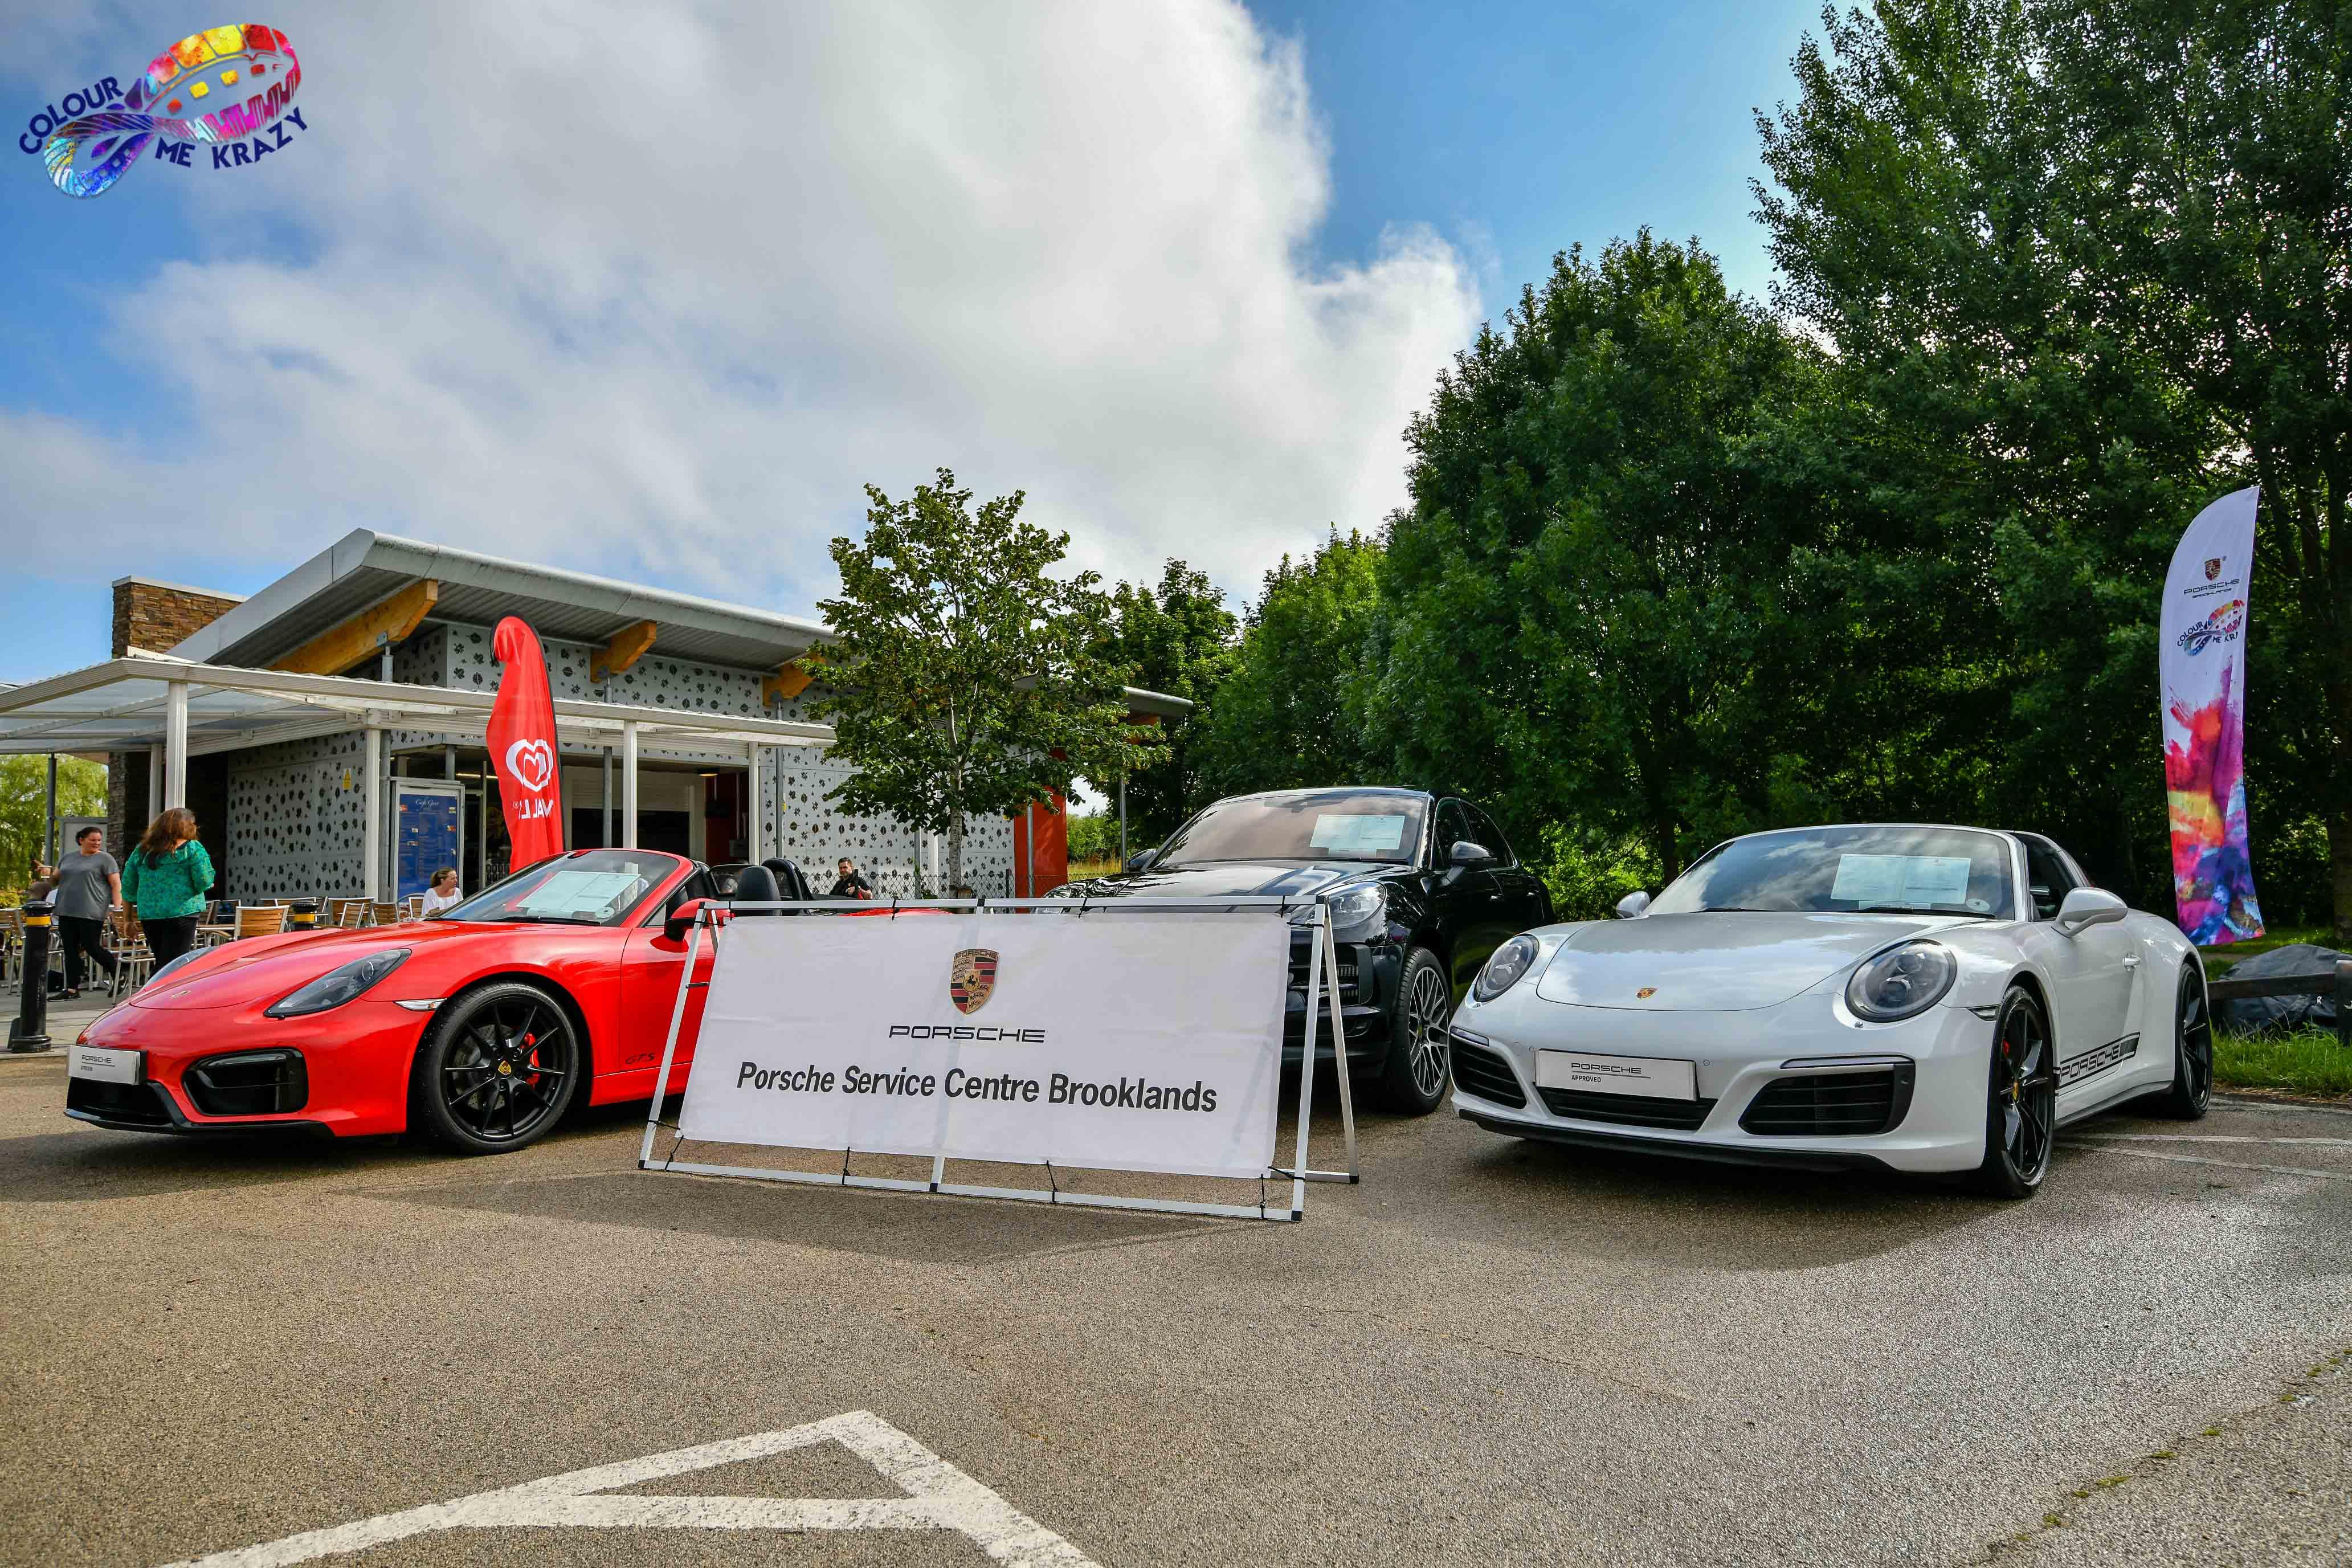 Porsche Brooklands Colour Me Krazy 5k - image 1